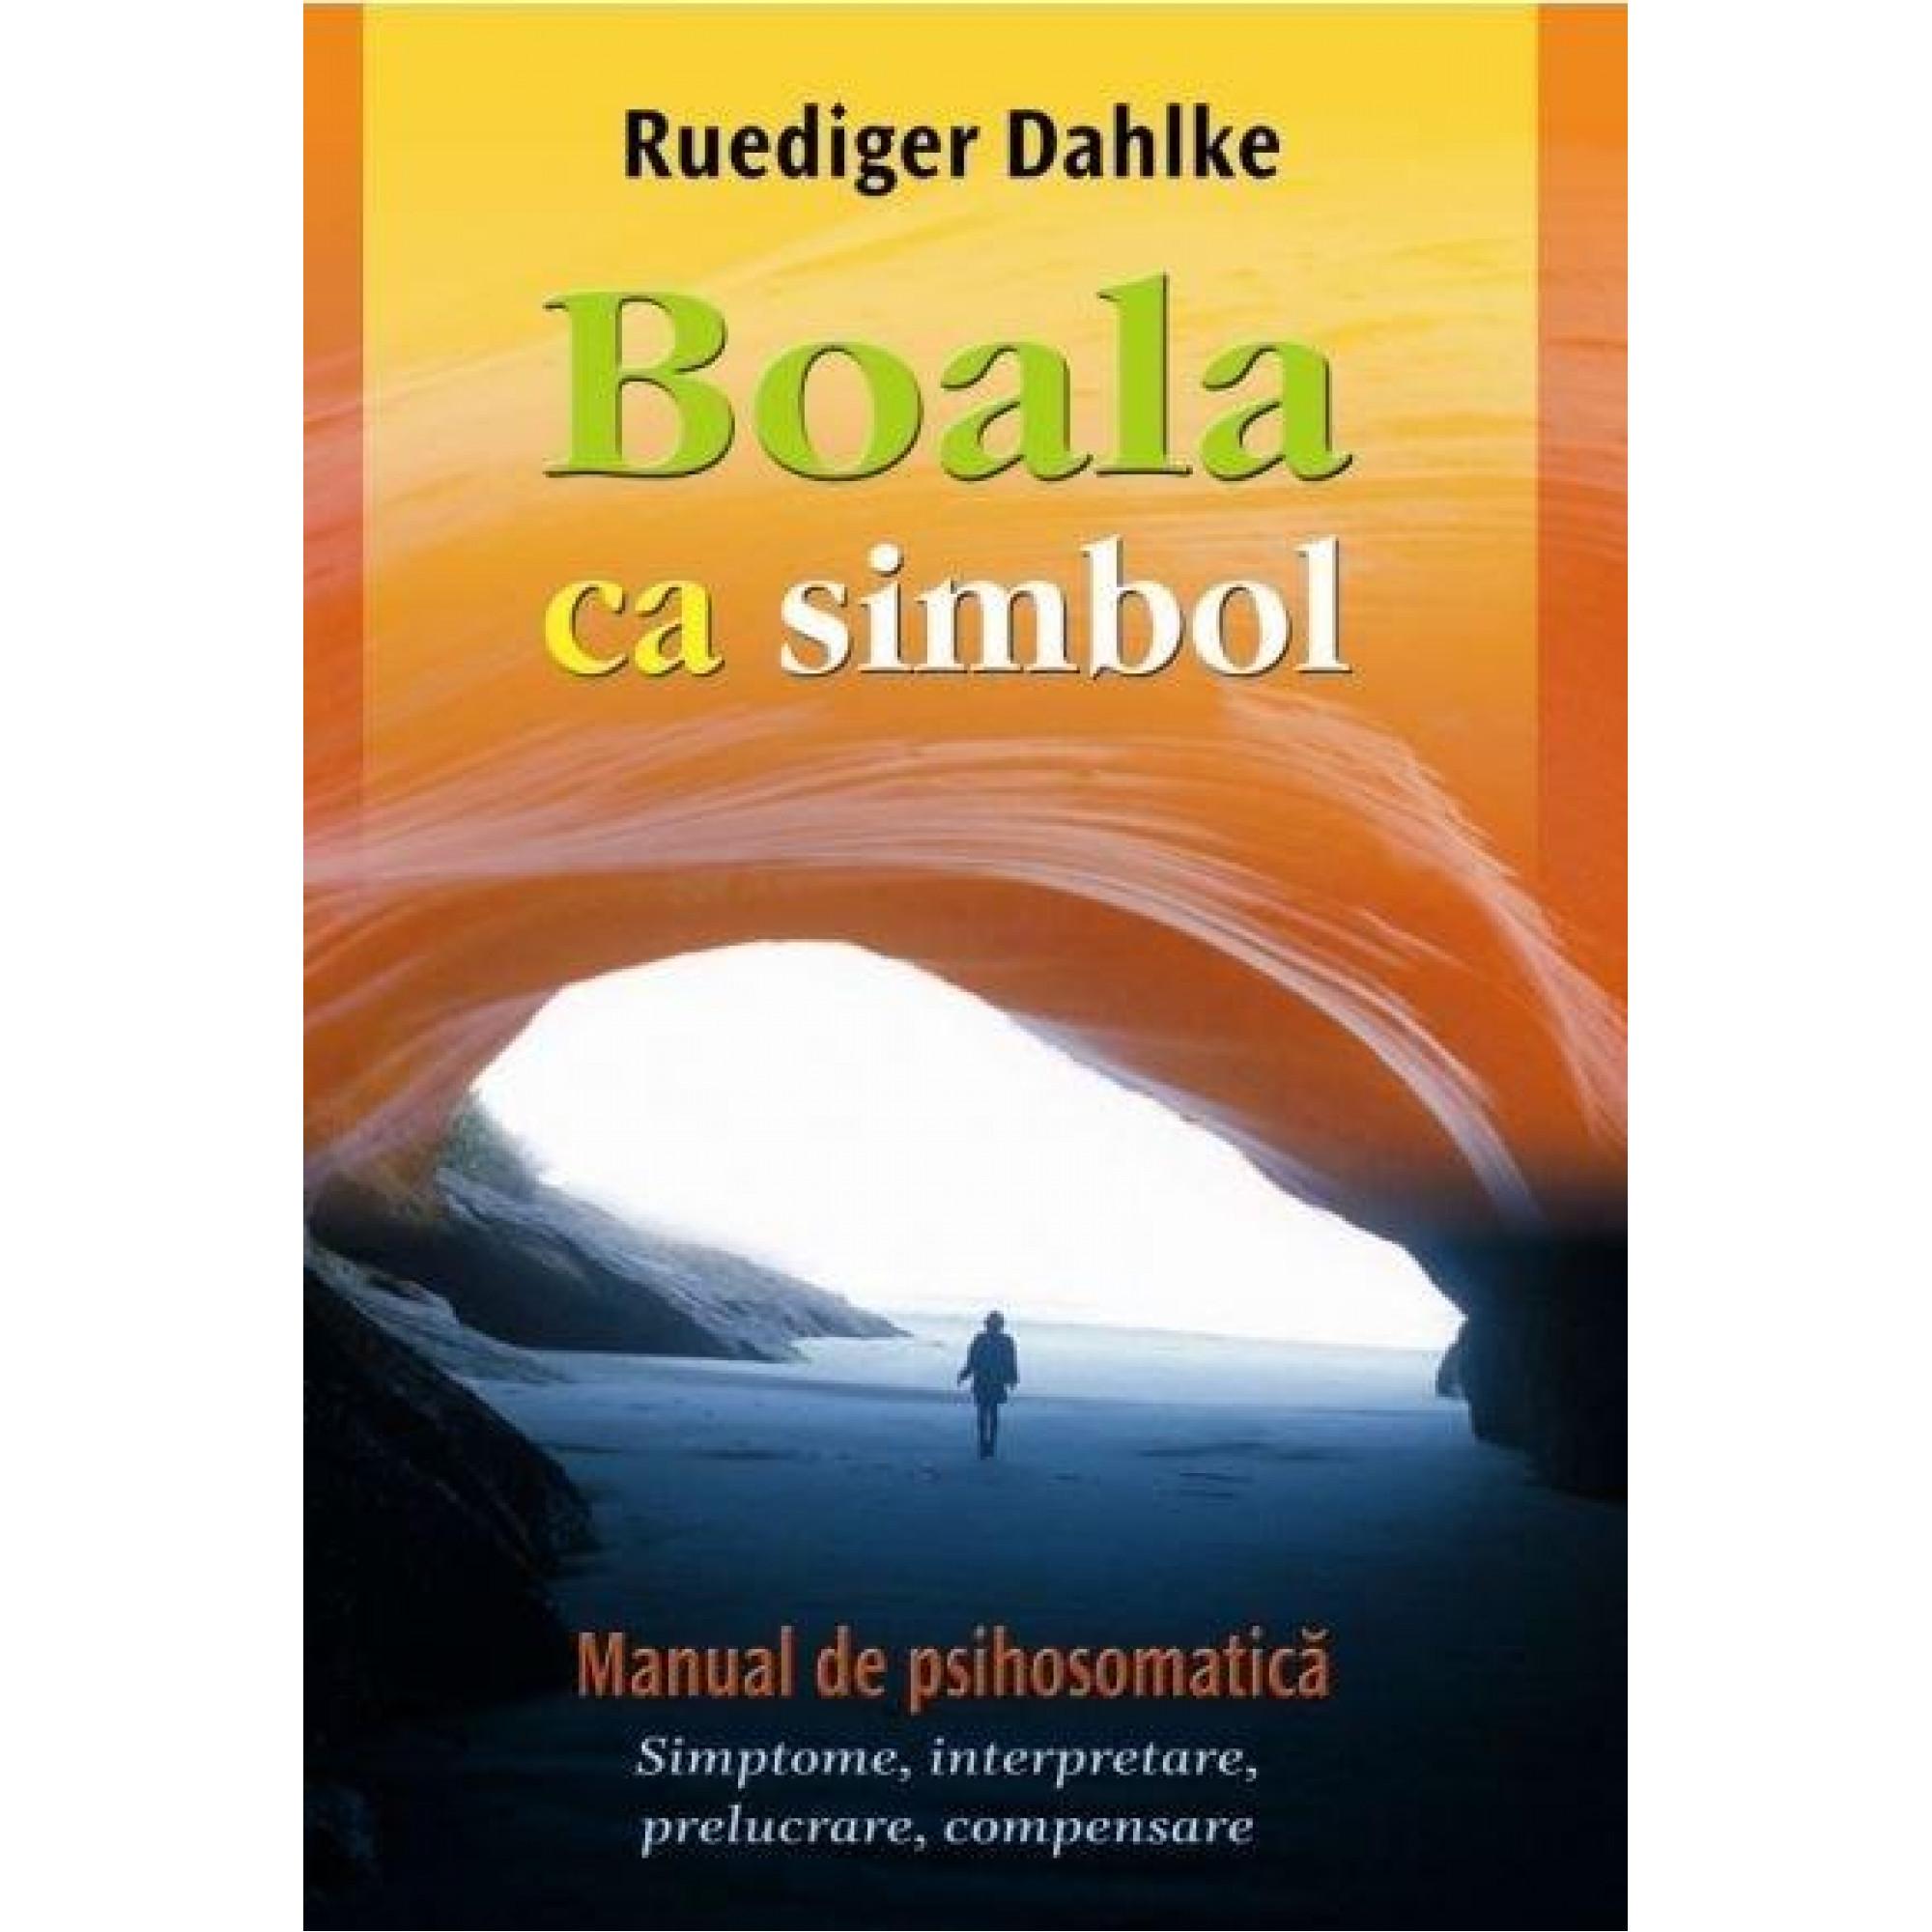 Boala ca simbol. Manual de psihosomatică. Simptome, interpretare, prelucrare, compensare; Ruediger Dahlke